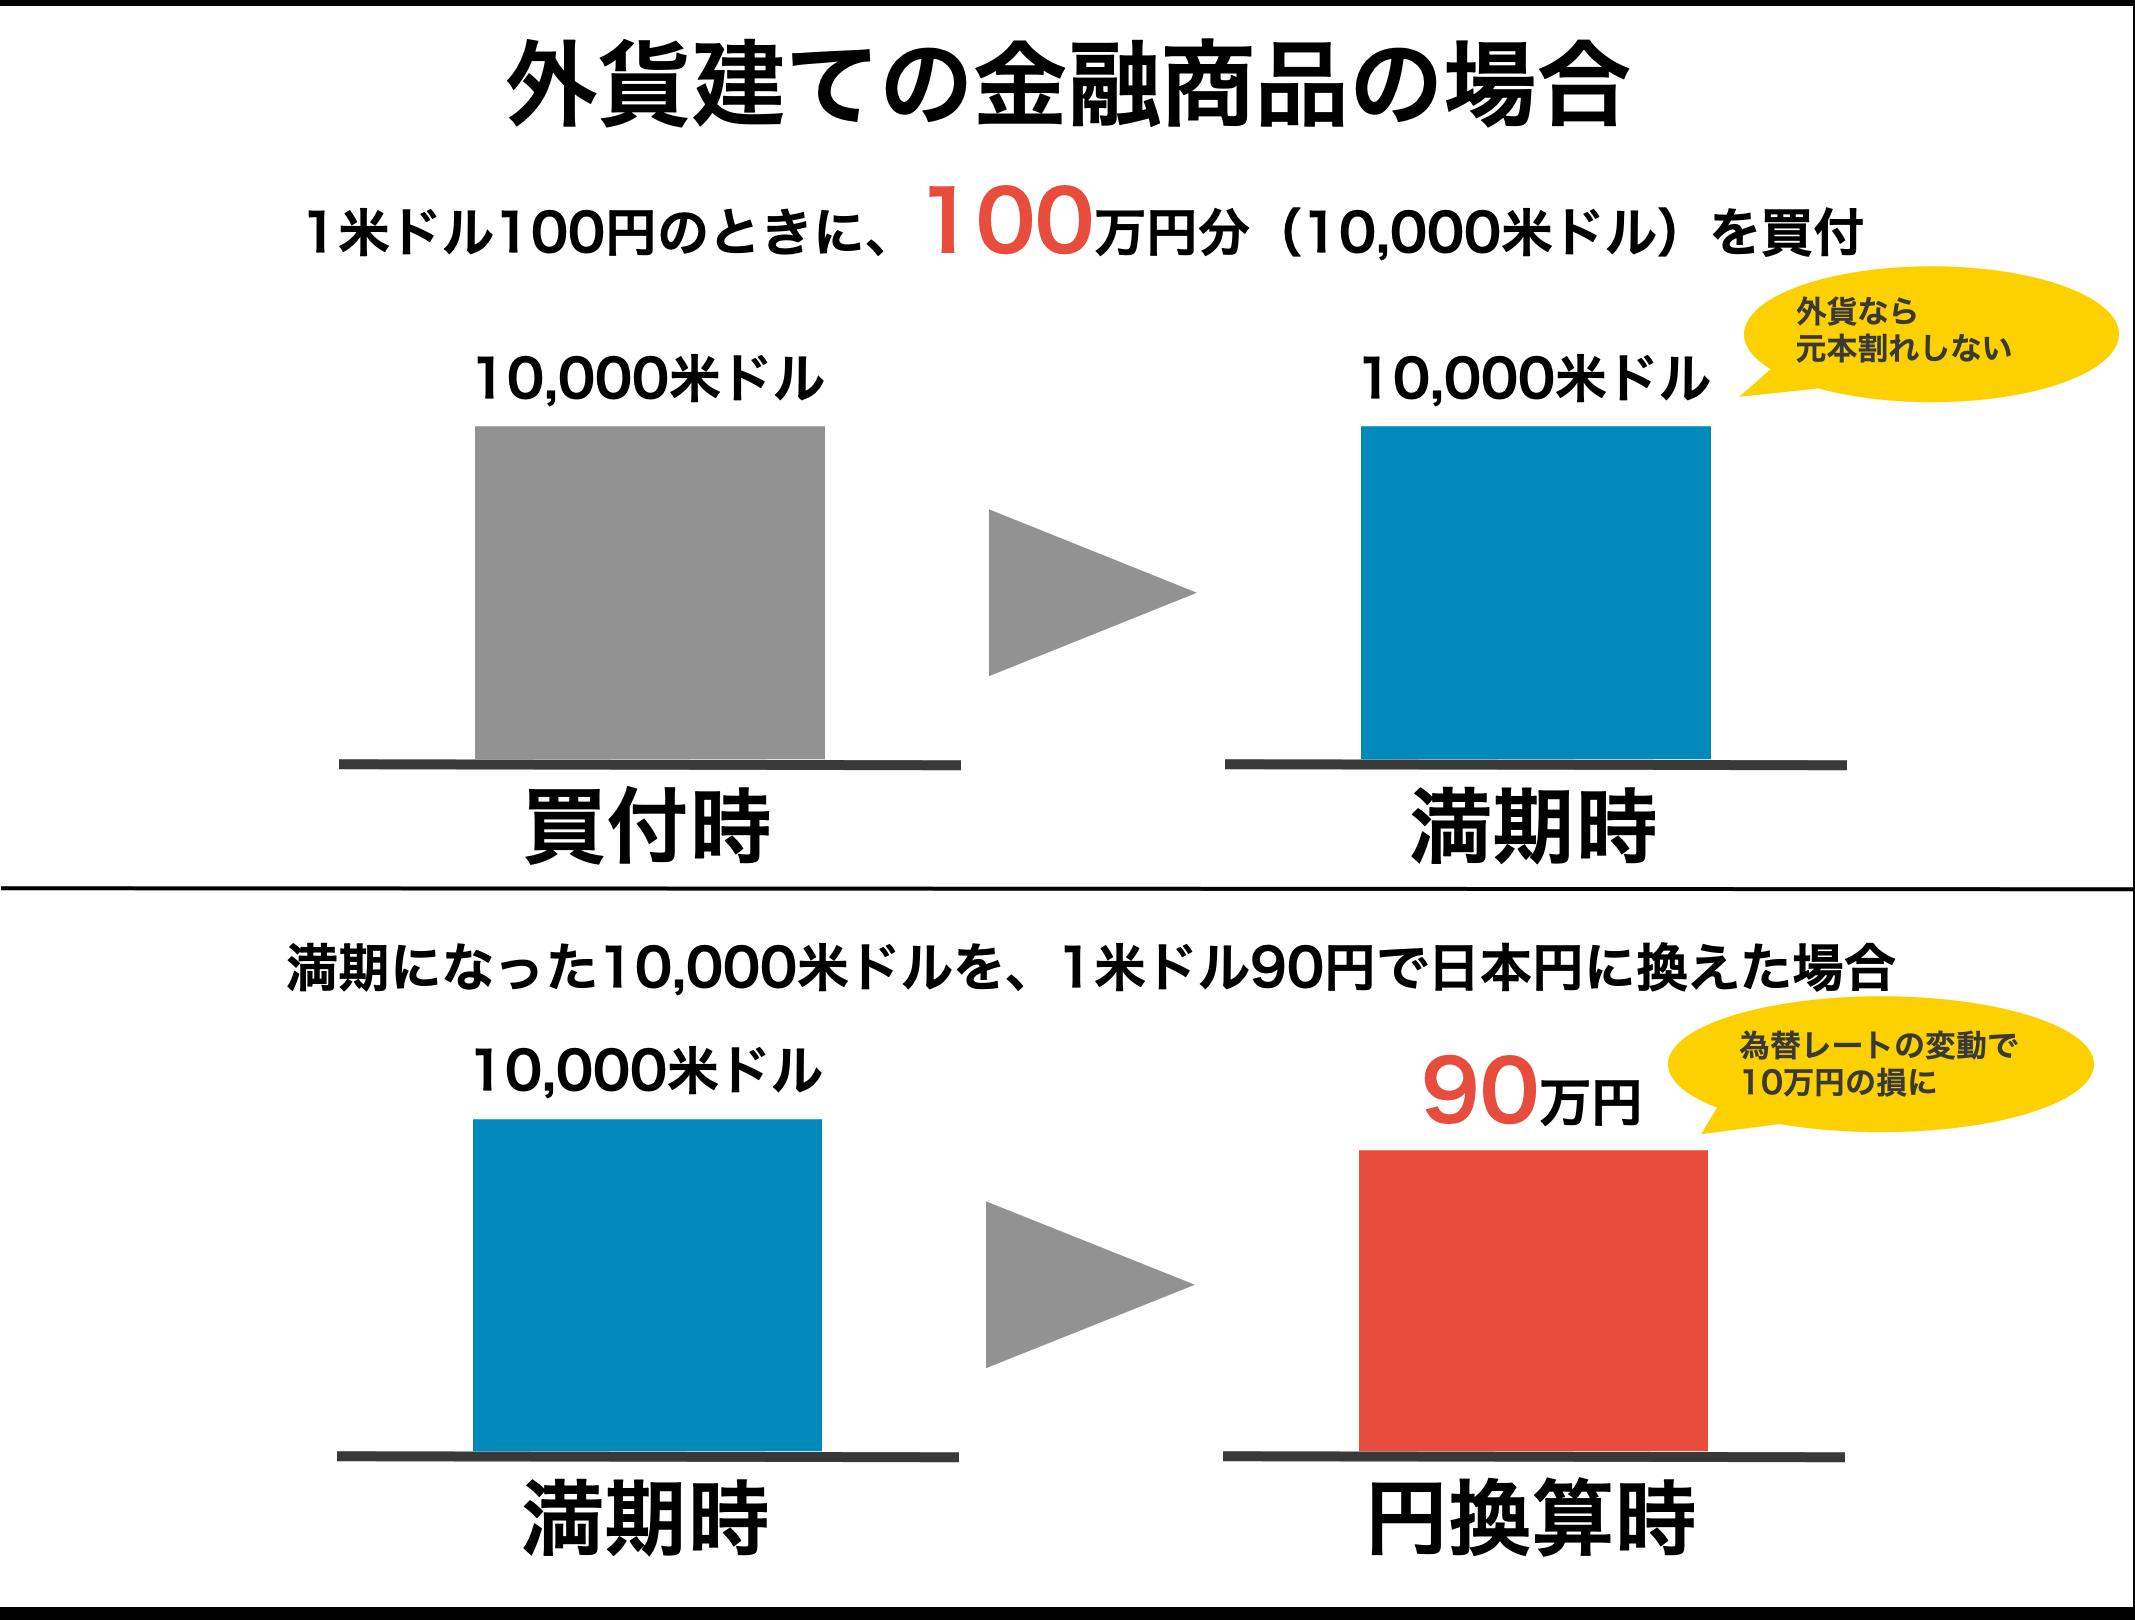 日本円に換えると元本割れするようなケース